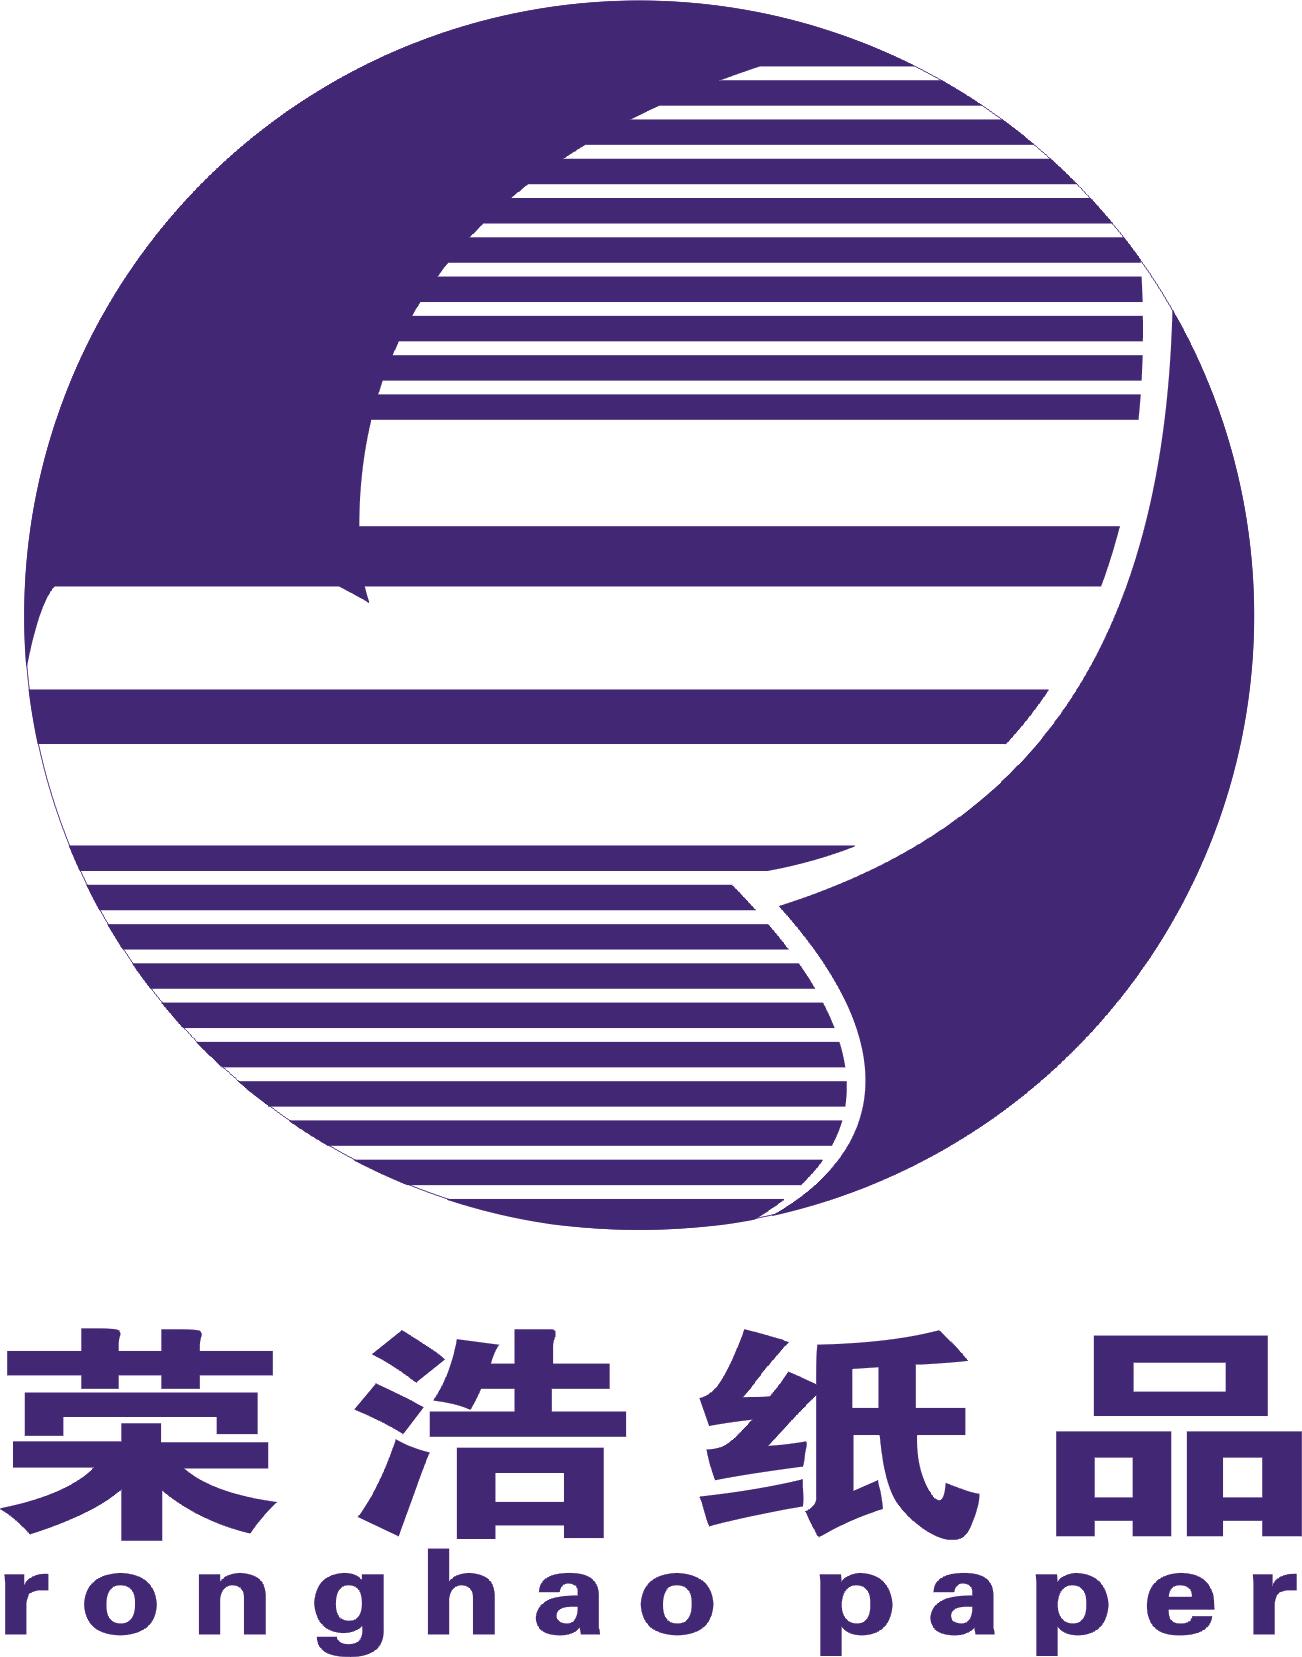 重庆荣丰纸品有限公司